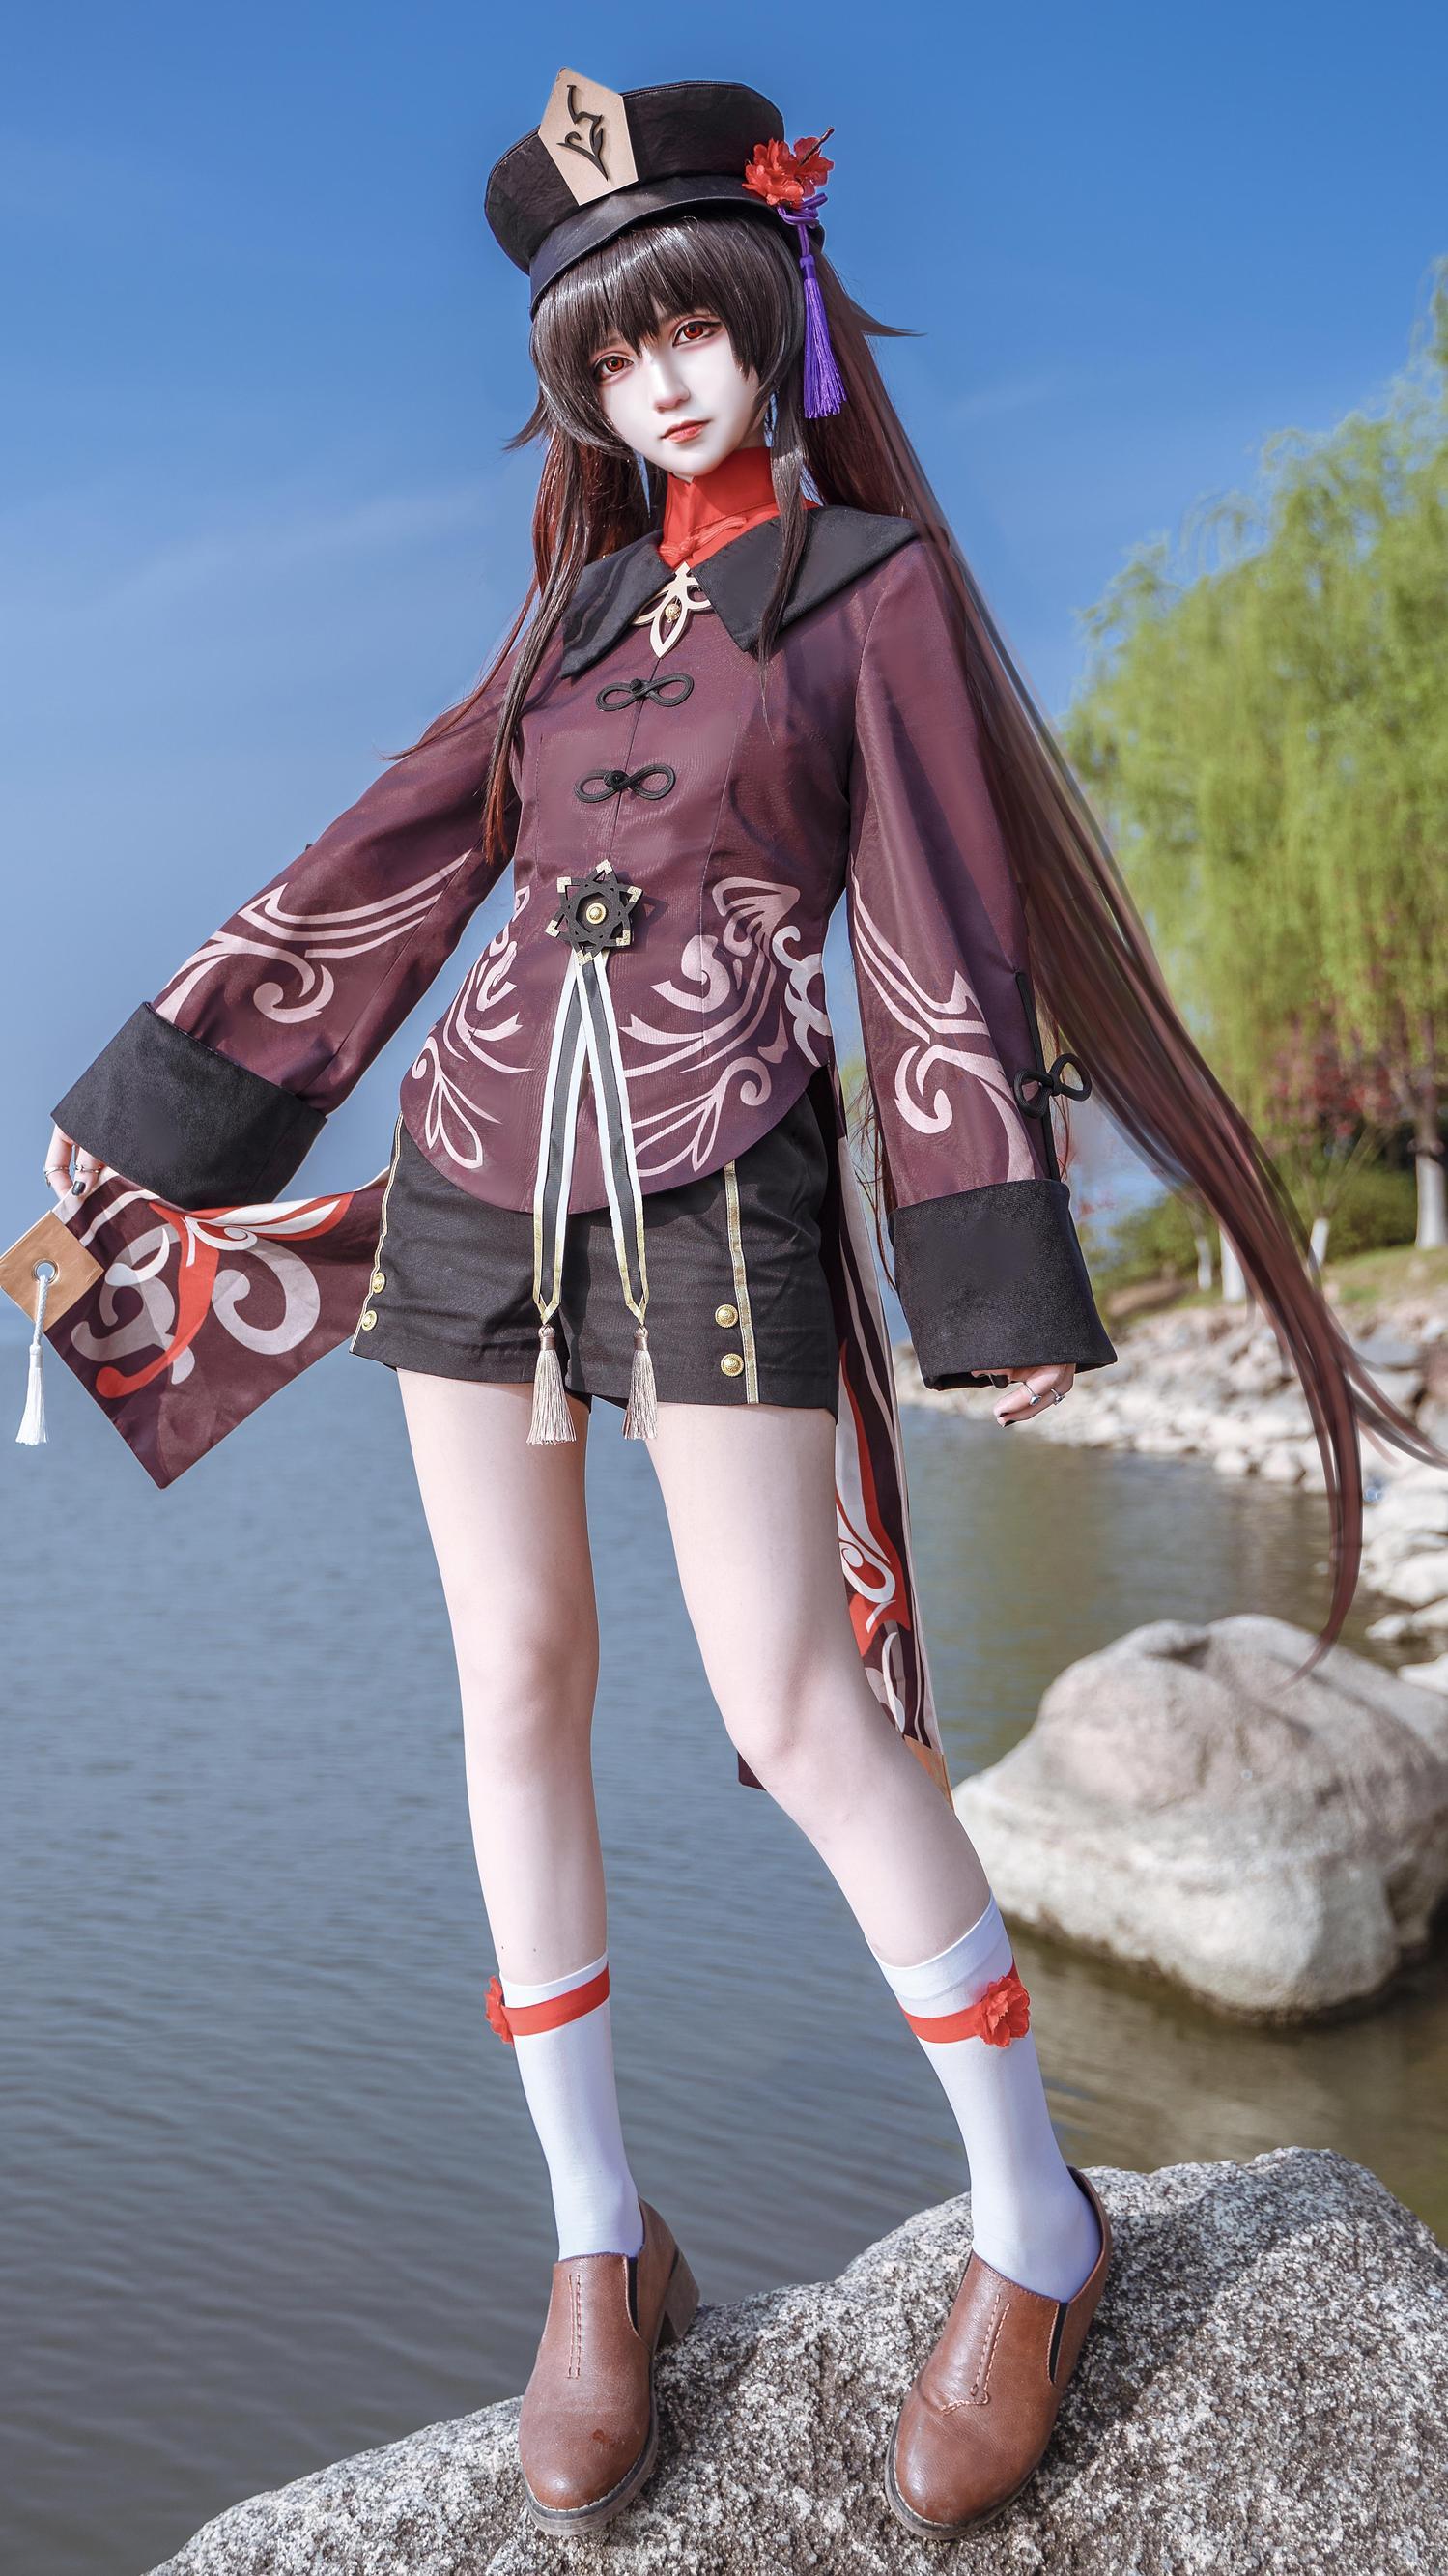 《原神》正片cosplay【CN:南千鲤Akirui】-第3张